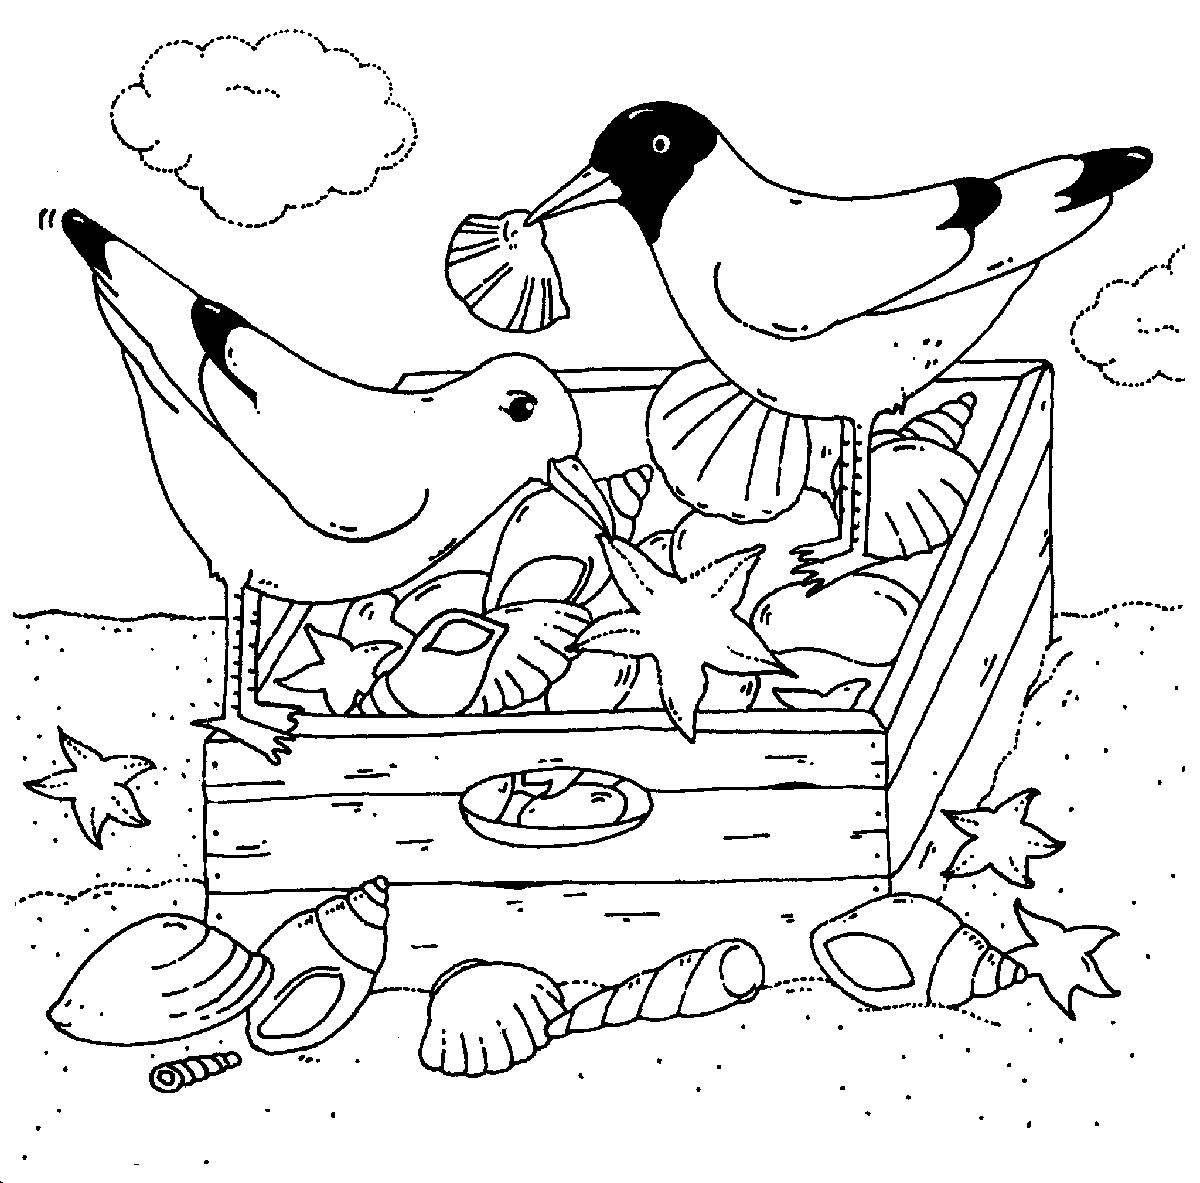 Ausmalbild Vogel Mowen Und Muscheln Kostenlos Ausdrucken Dieren Seizoenen Kinderen